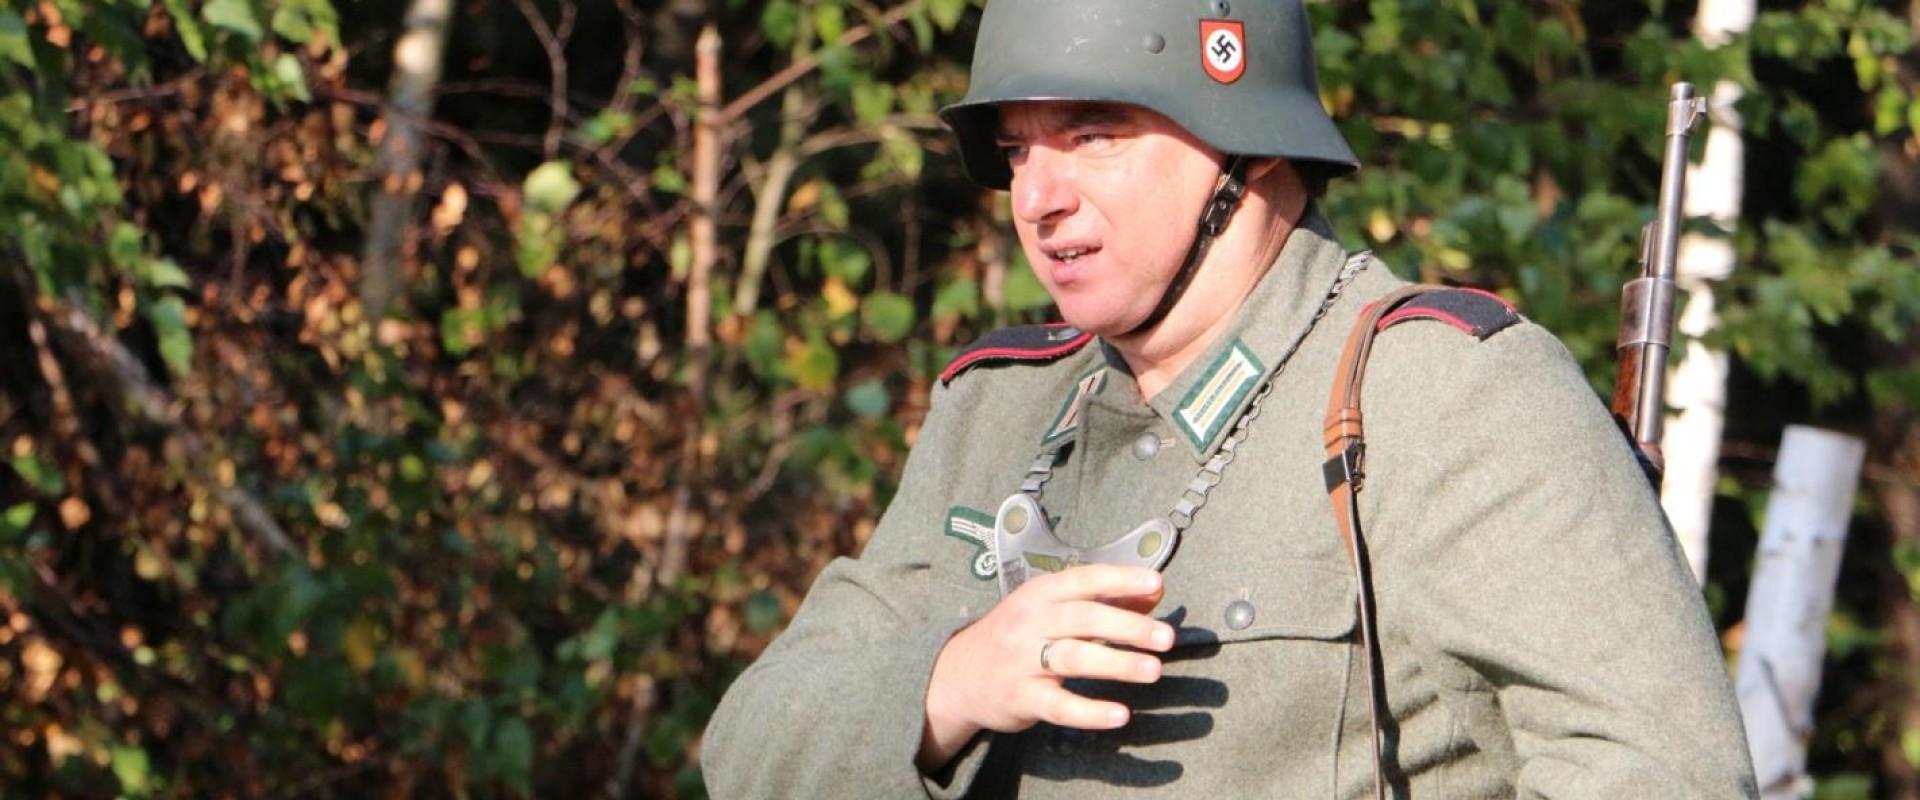 Kierownik Wyroślak będzie znów toczył II wojnę światową